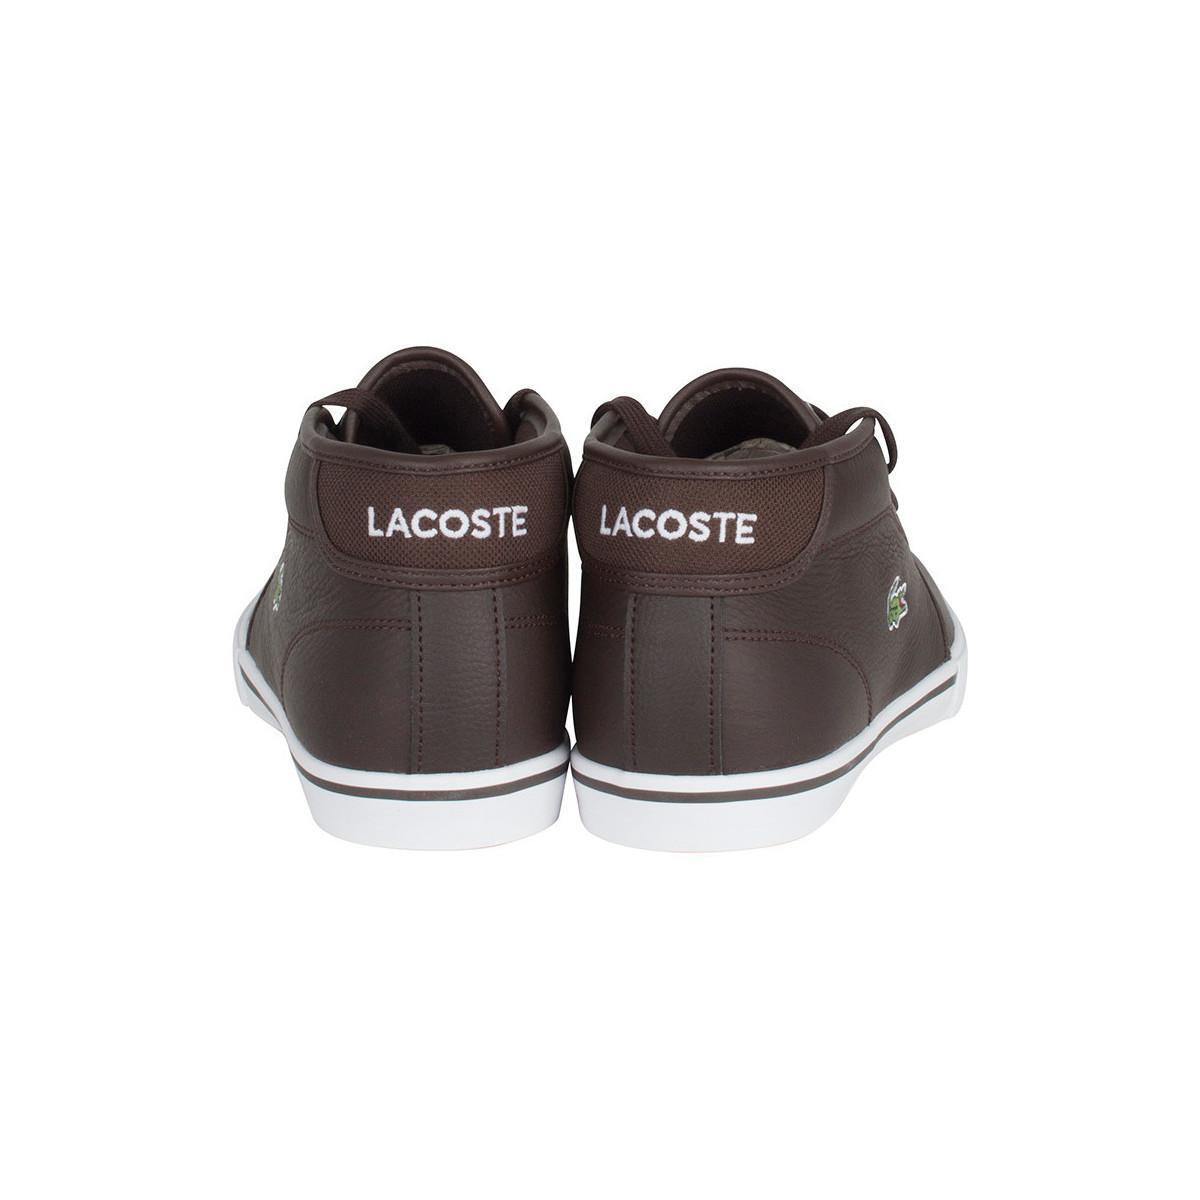 f4fc0868e Lacoste High Tops Mens